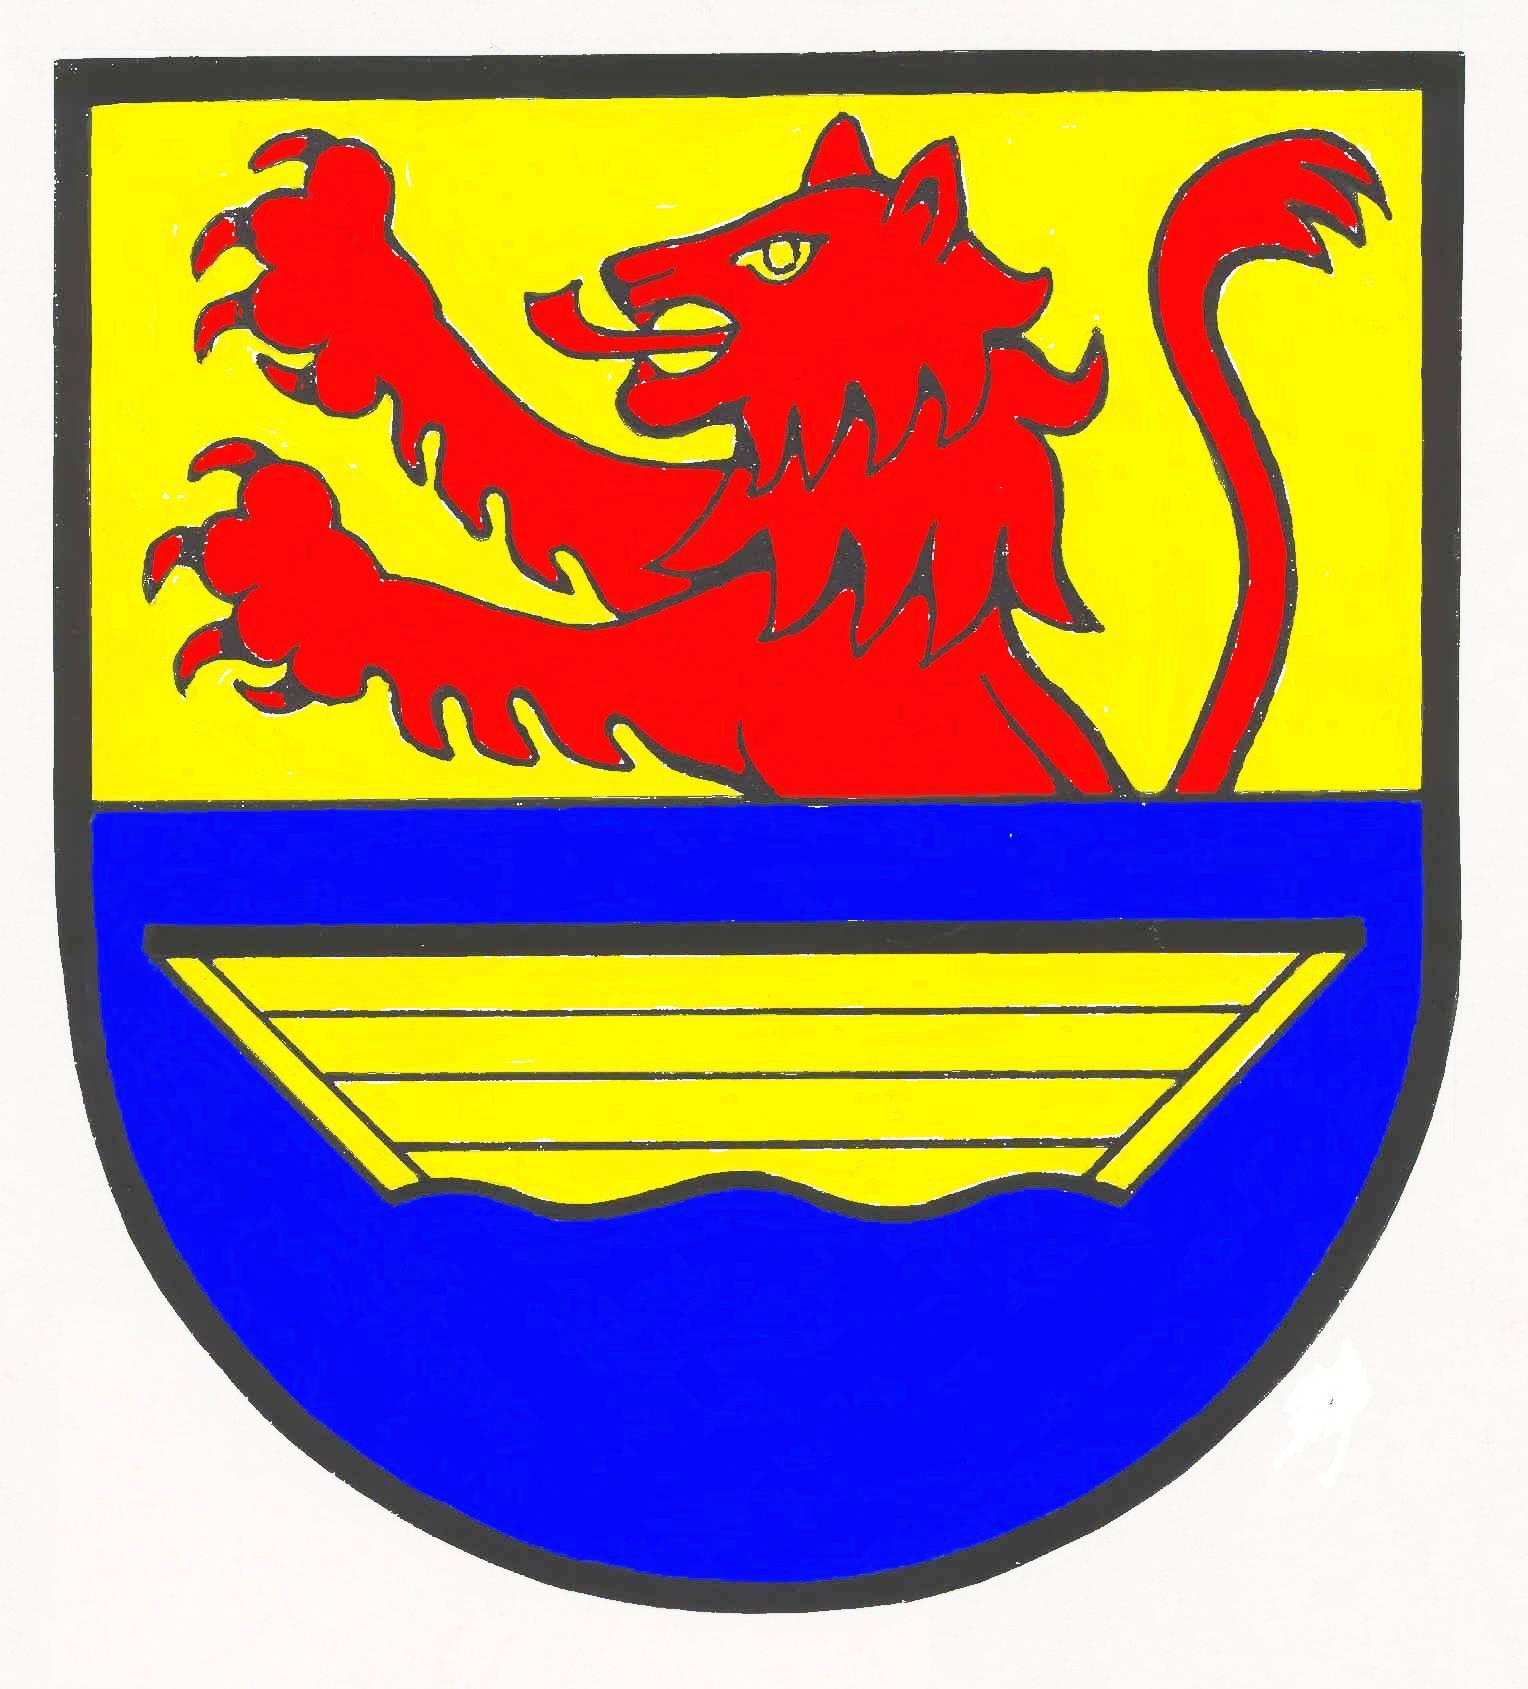 Wappen GemeindeSchnakenbek, Kreis Herzogtum Lauenburg